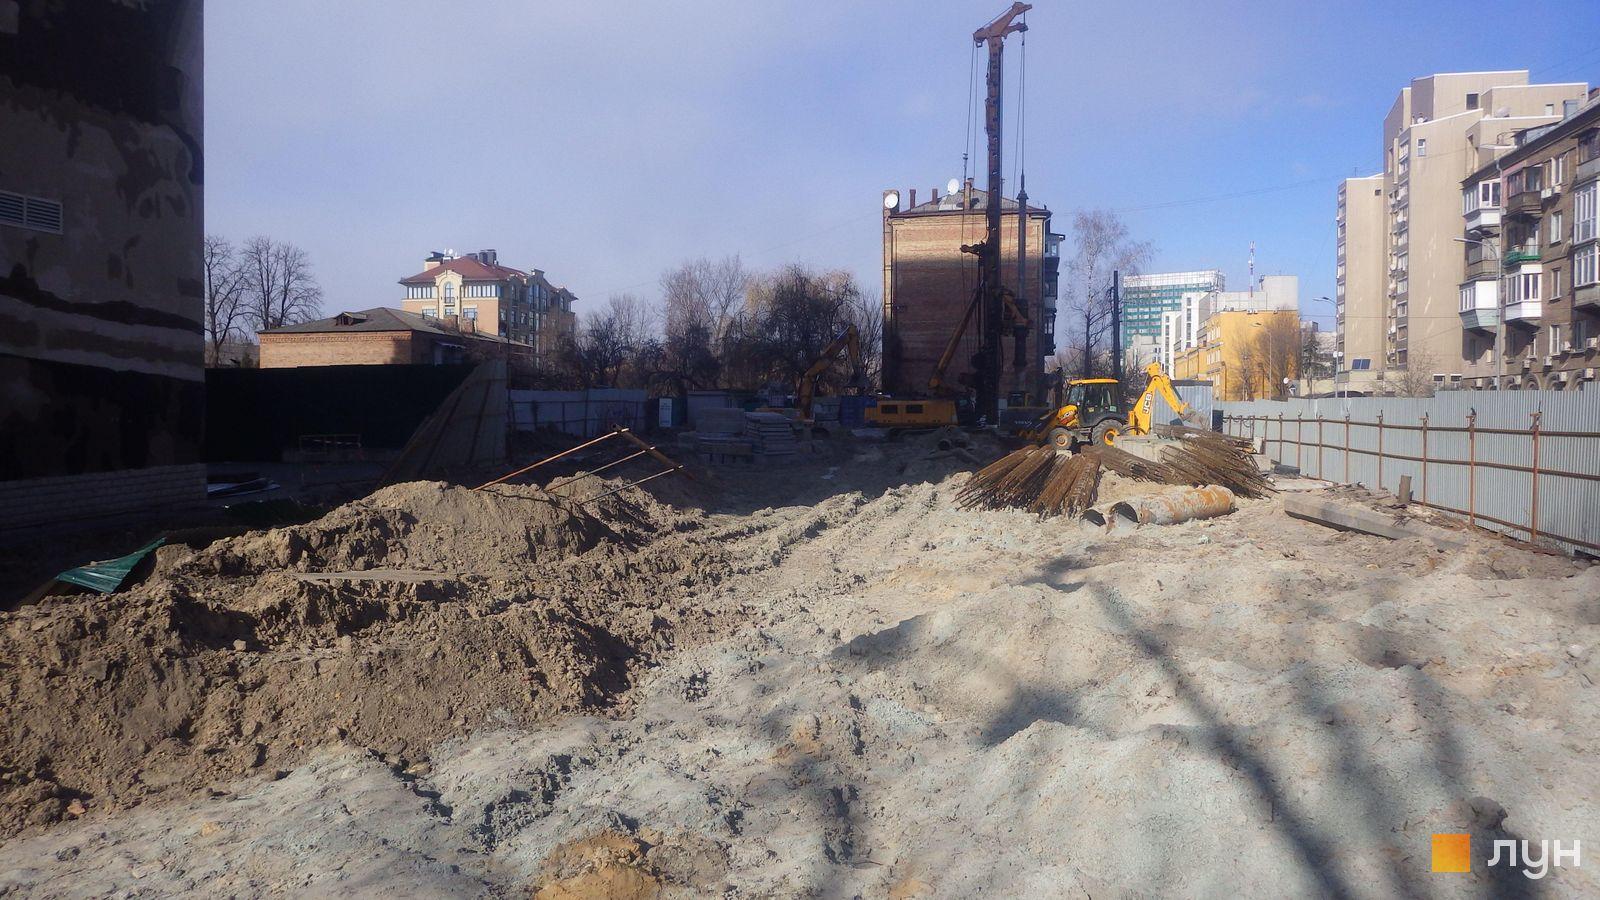 Ход строительства ул. Казимира Малевича, 44, 46, , февраль 2019